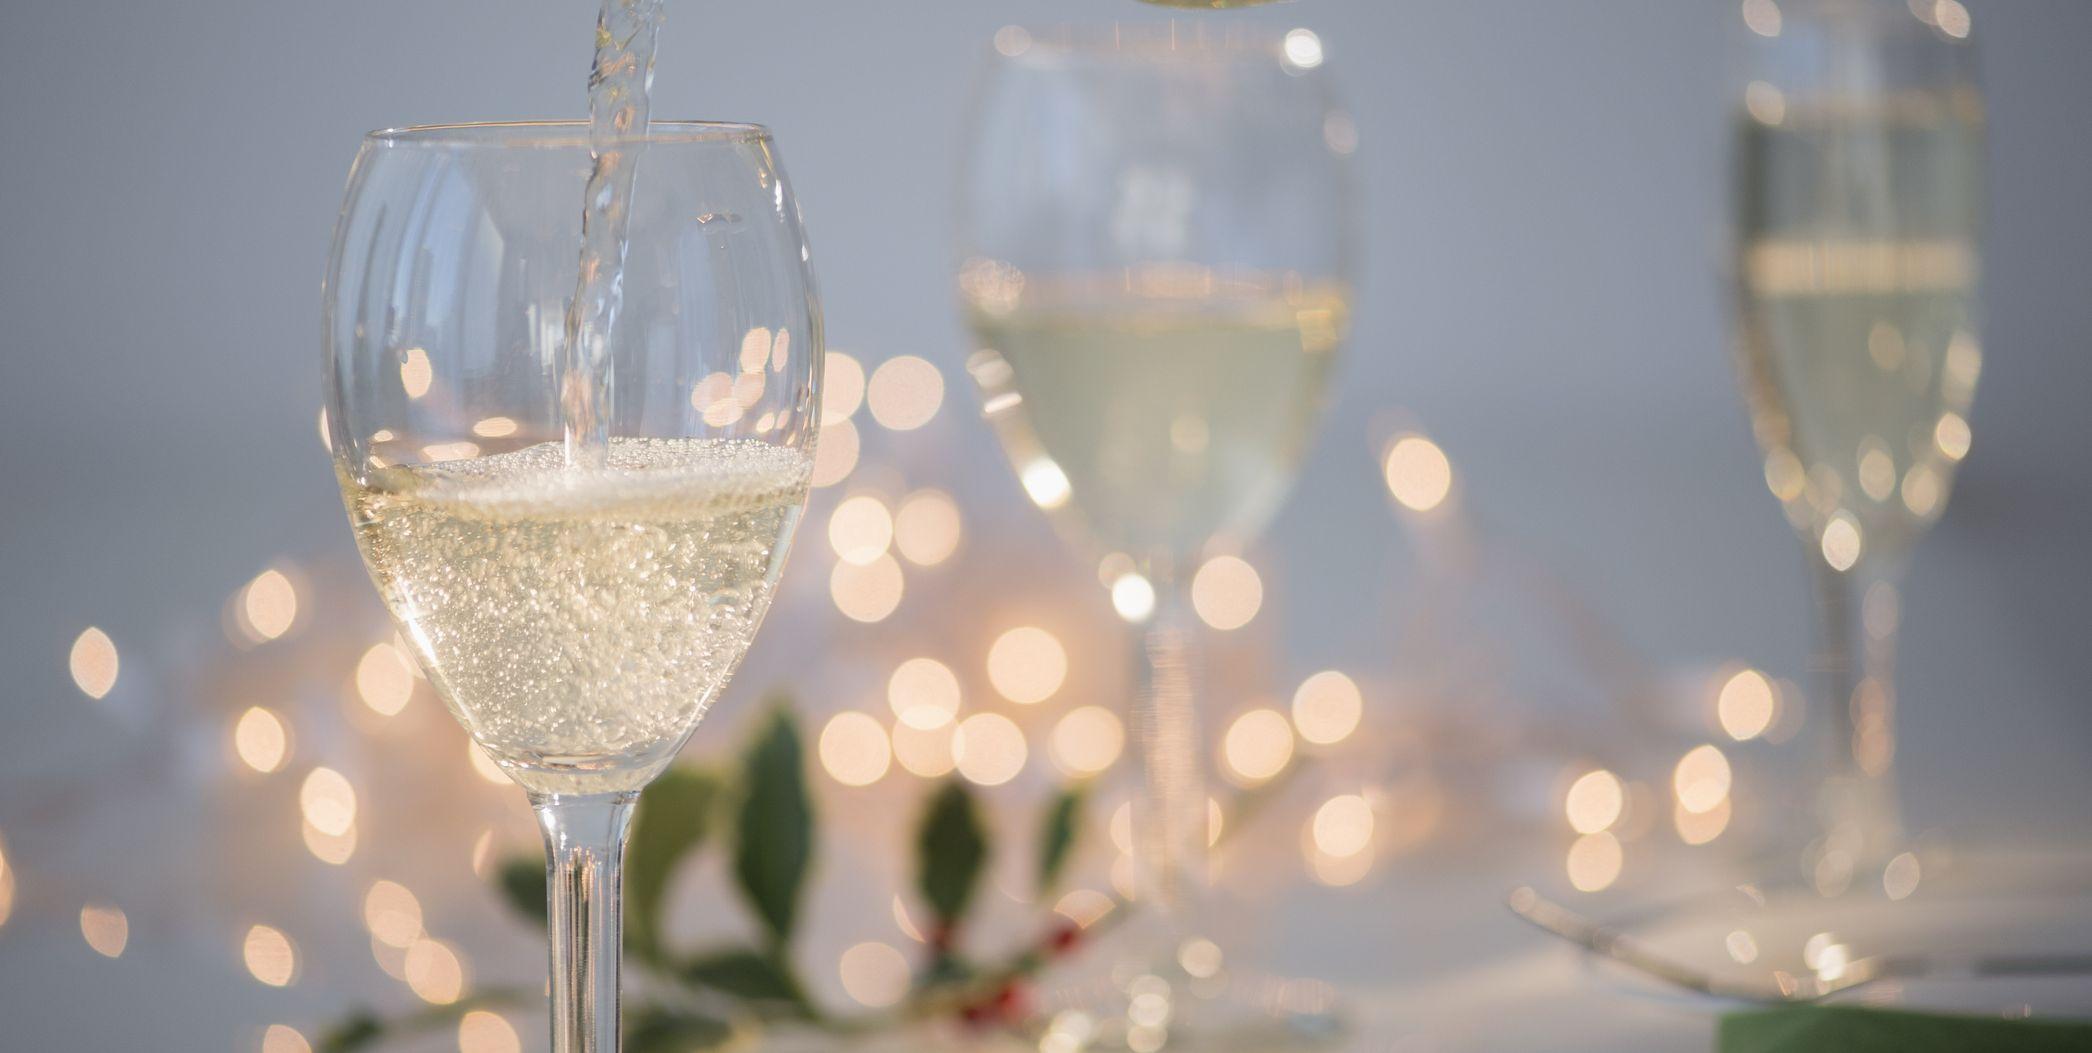 9 Glasses That'll Make Your Wine Taste Better